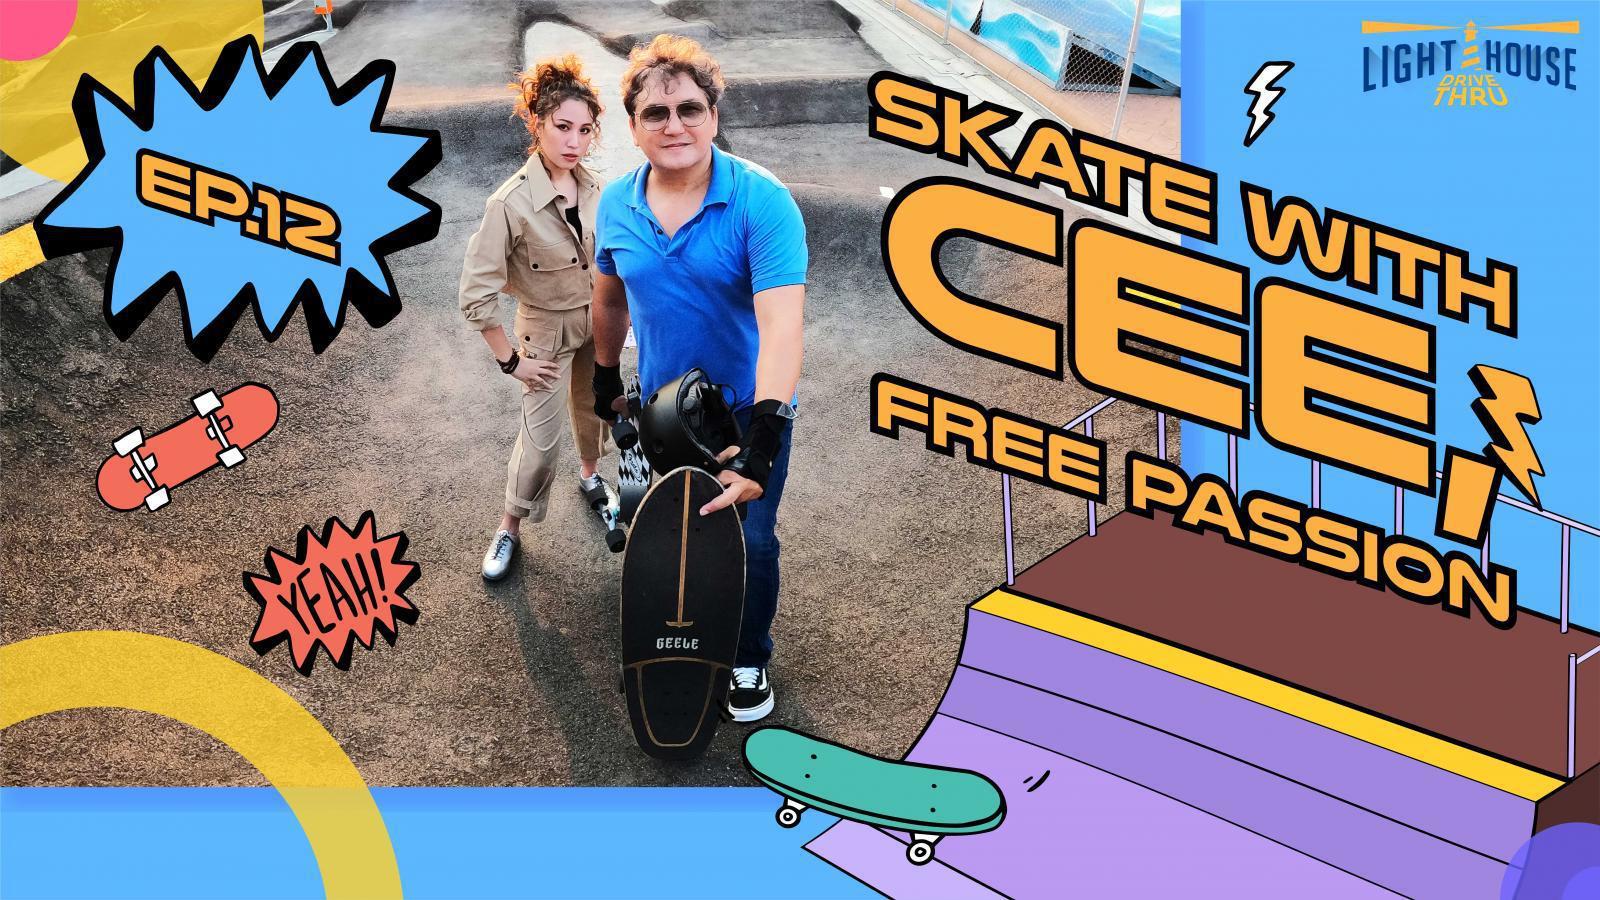 ซี ฉัตรปวีณ์ เล่น Surf Skate ครั้งแรก | The Lighthouse Drive Thru EP.12